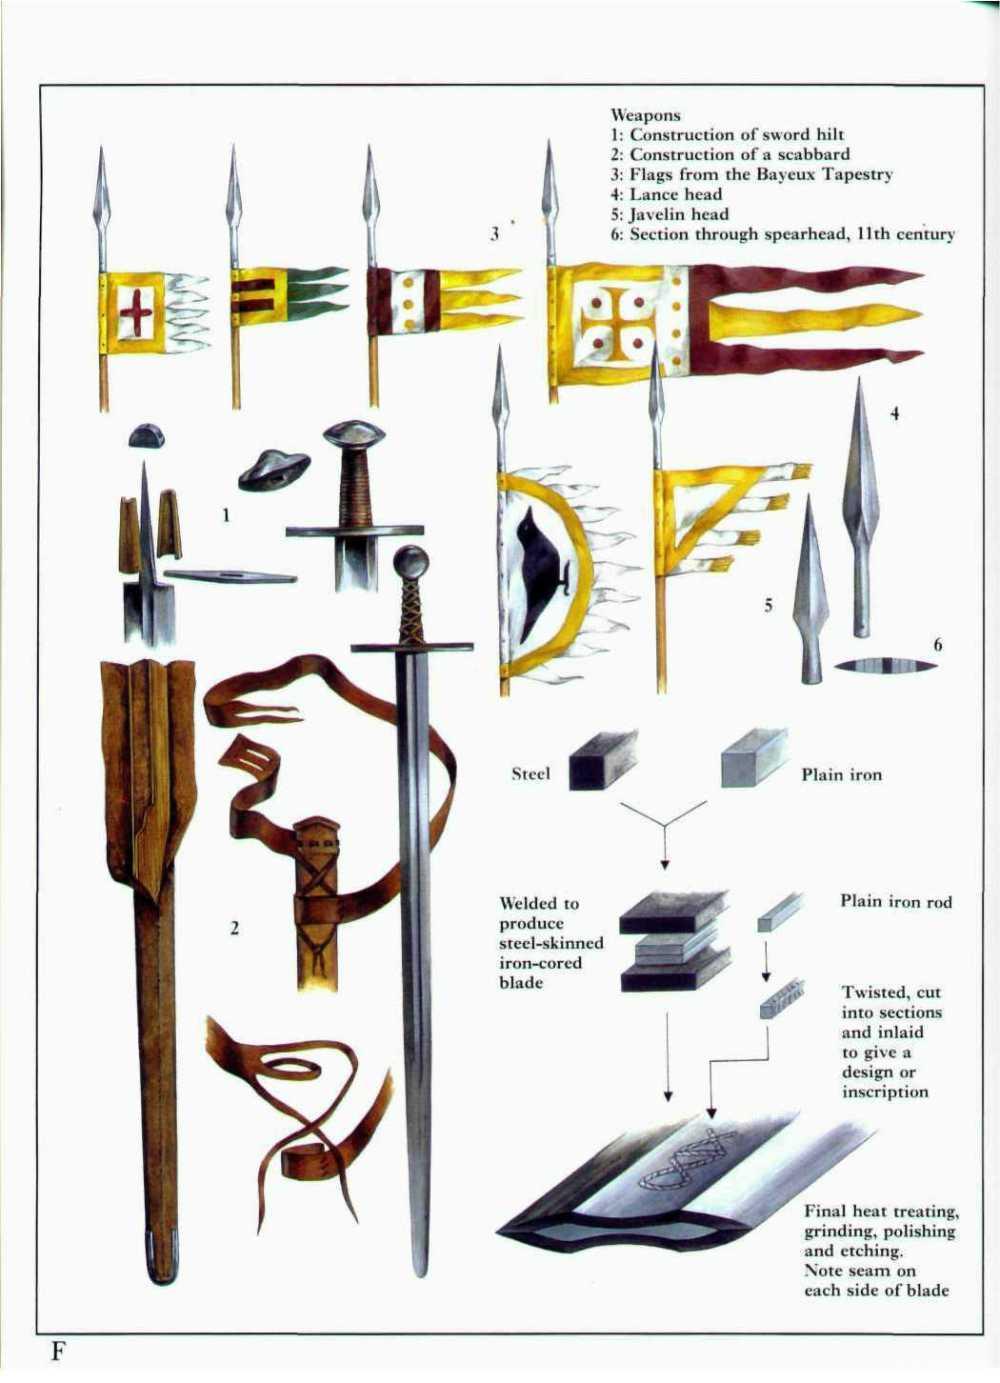 诺曼骑士的剑和骑枪